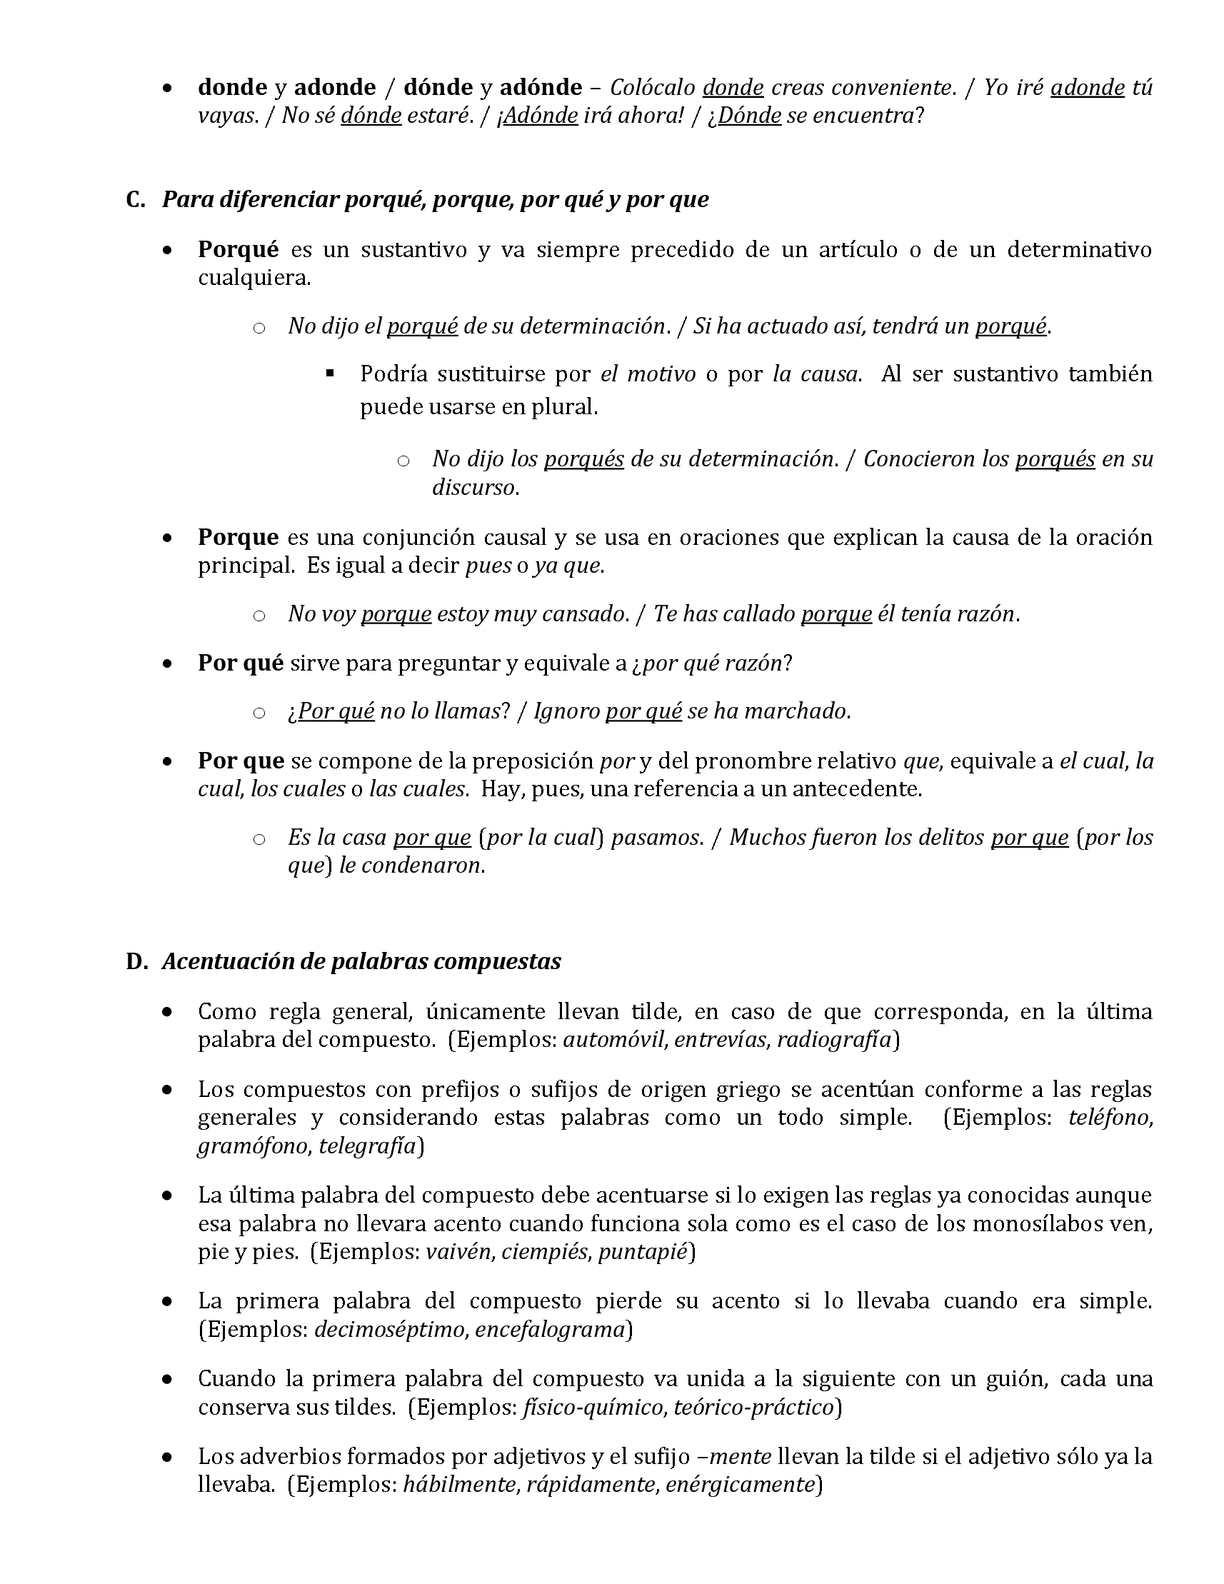 Asombroso Adjetivos Y Adverbios Para Currículums Elaboración ...